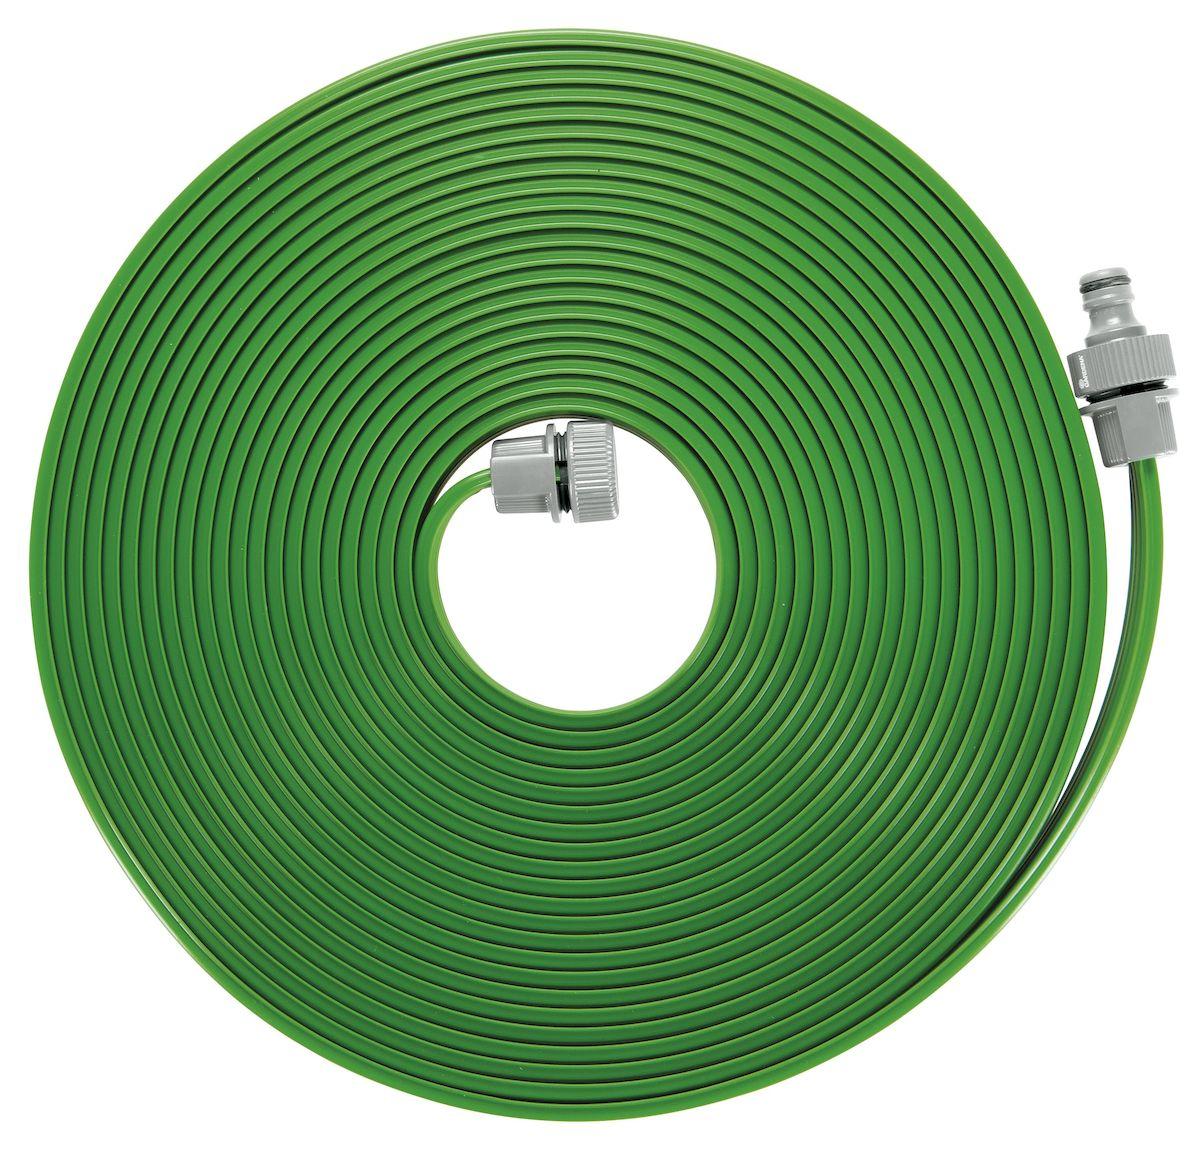 """Шланг-дождеватель """"Gardena"""", цвет: зеленый, 15 м"""